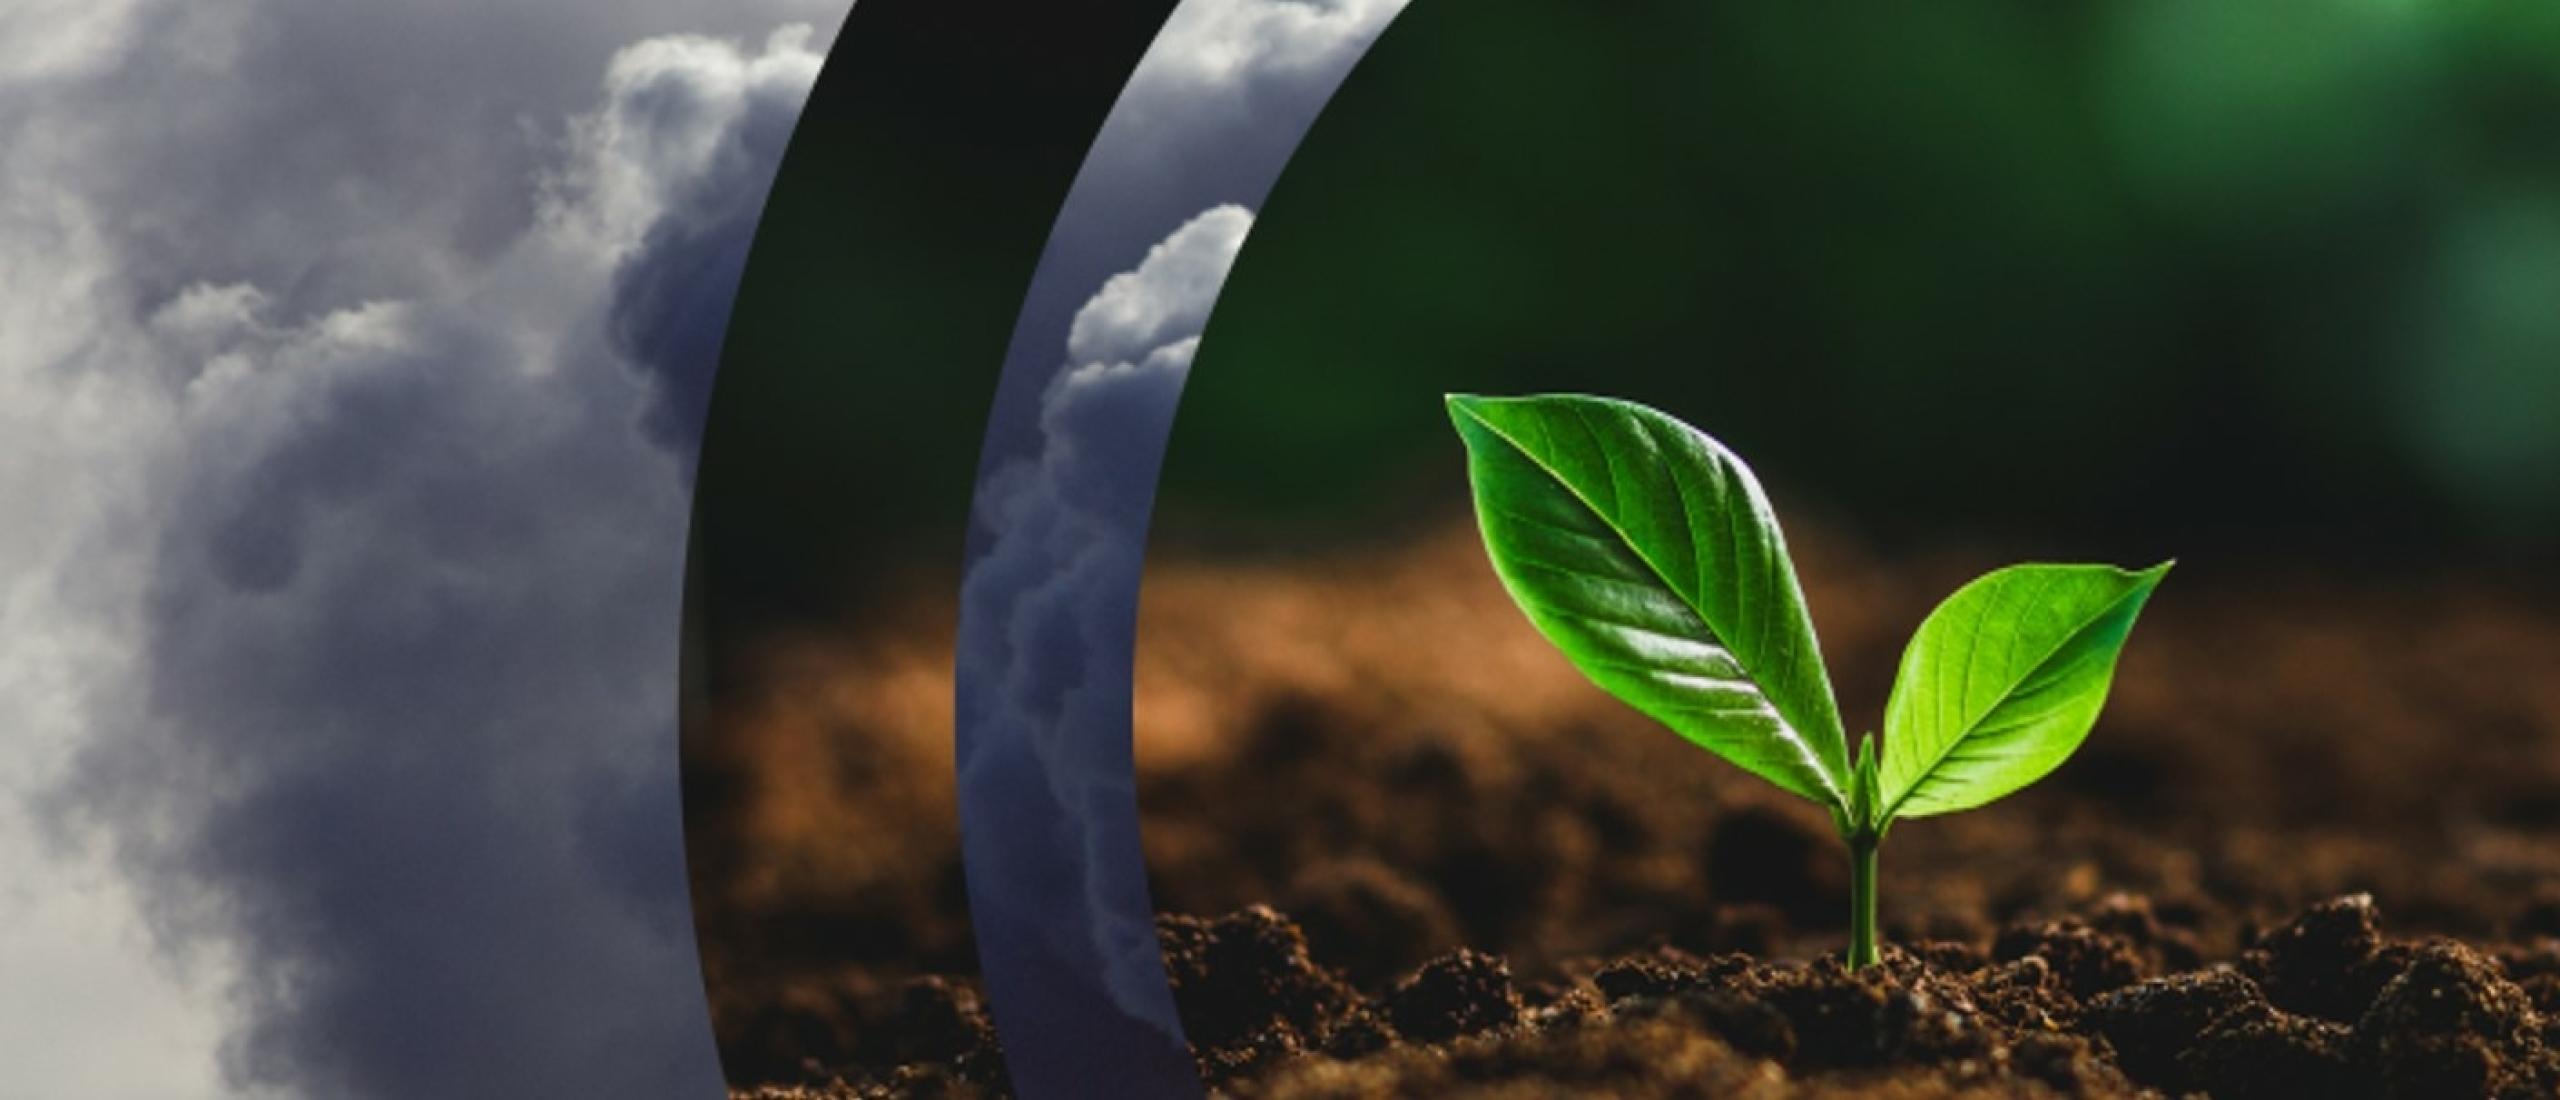 DSM zet verder in op duurzame bedrijfssector